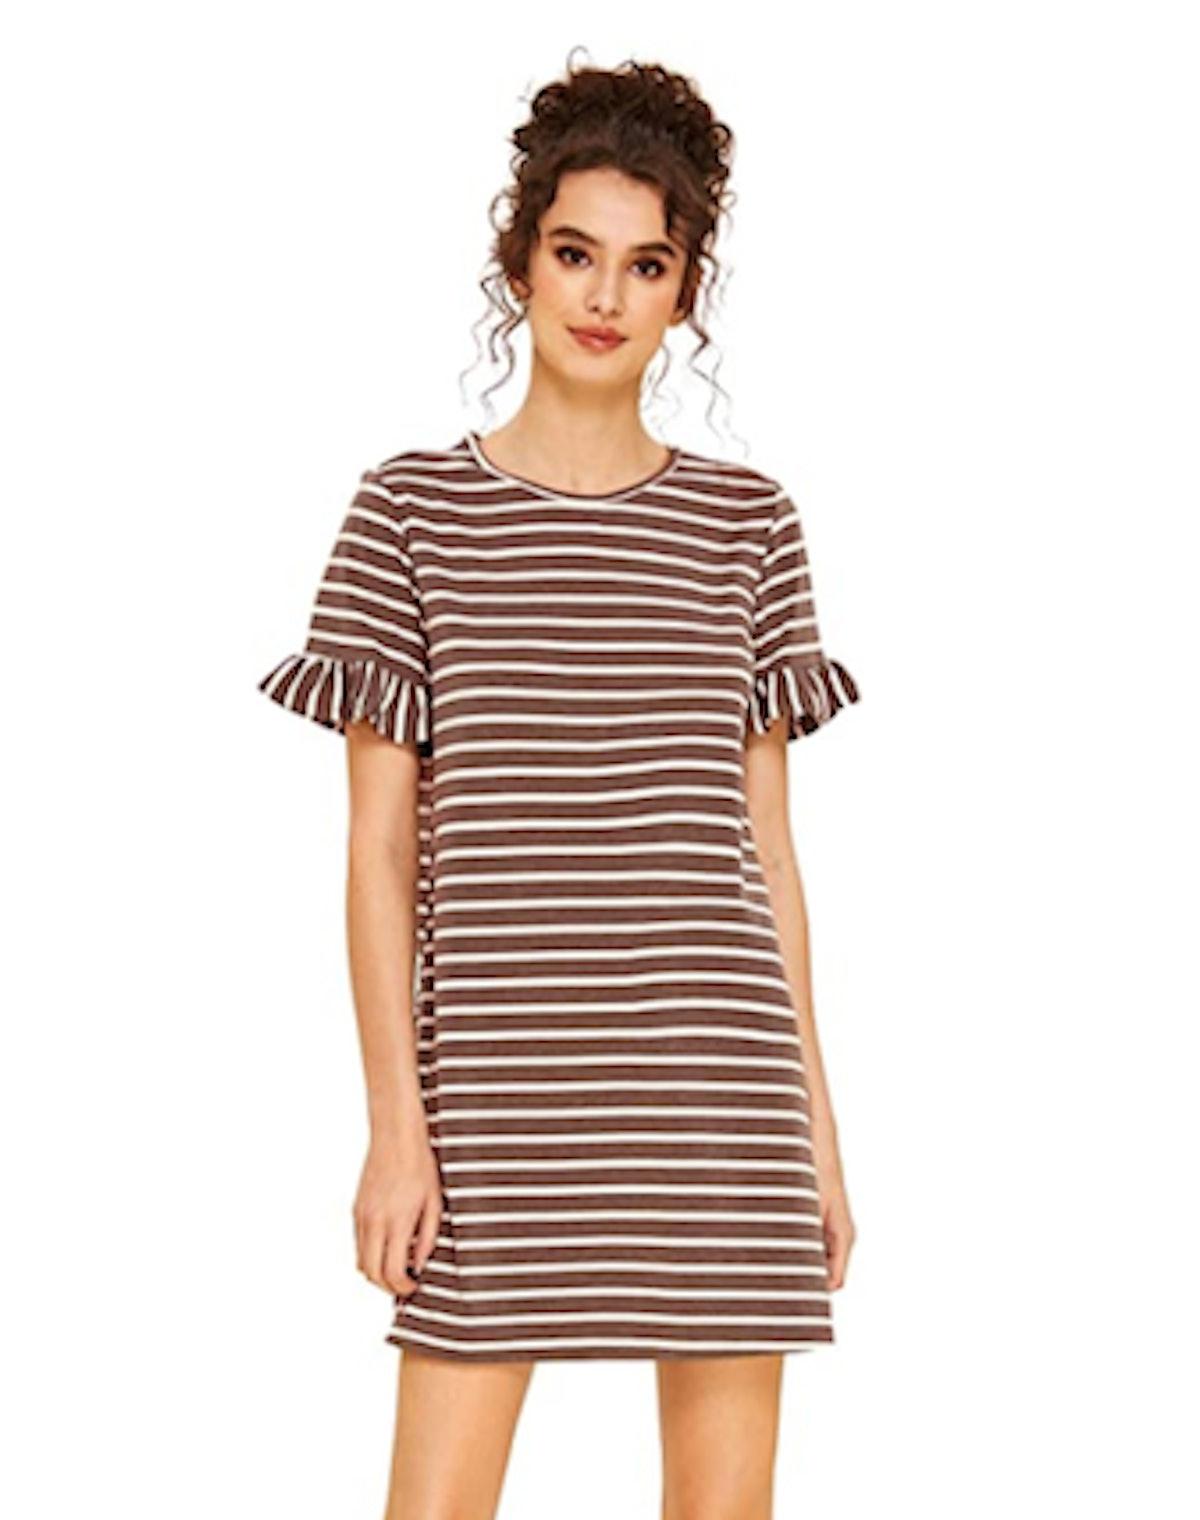 Floerns Ruffle Sleeve T-Shirt Dress